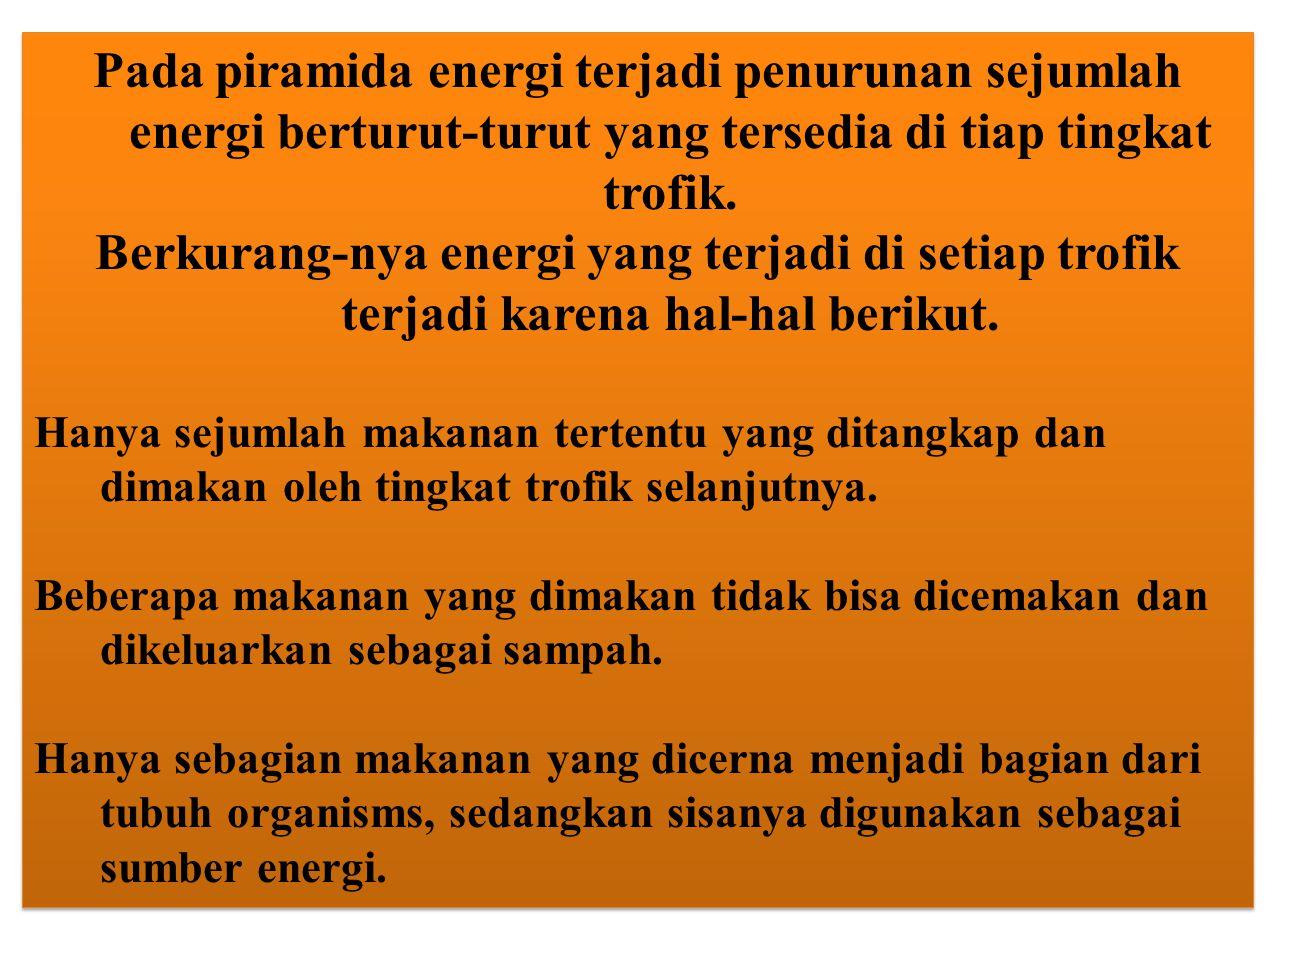 Pada piramida energi terjadi penurunan sejumlah energi berturut-turut yang tersedia di tiap tingkat trofik. Berkurang-nya energi yang terjadi di setia